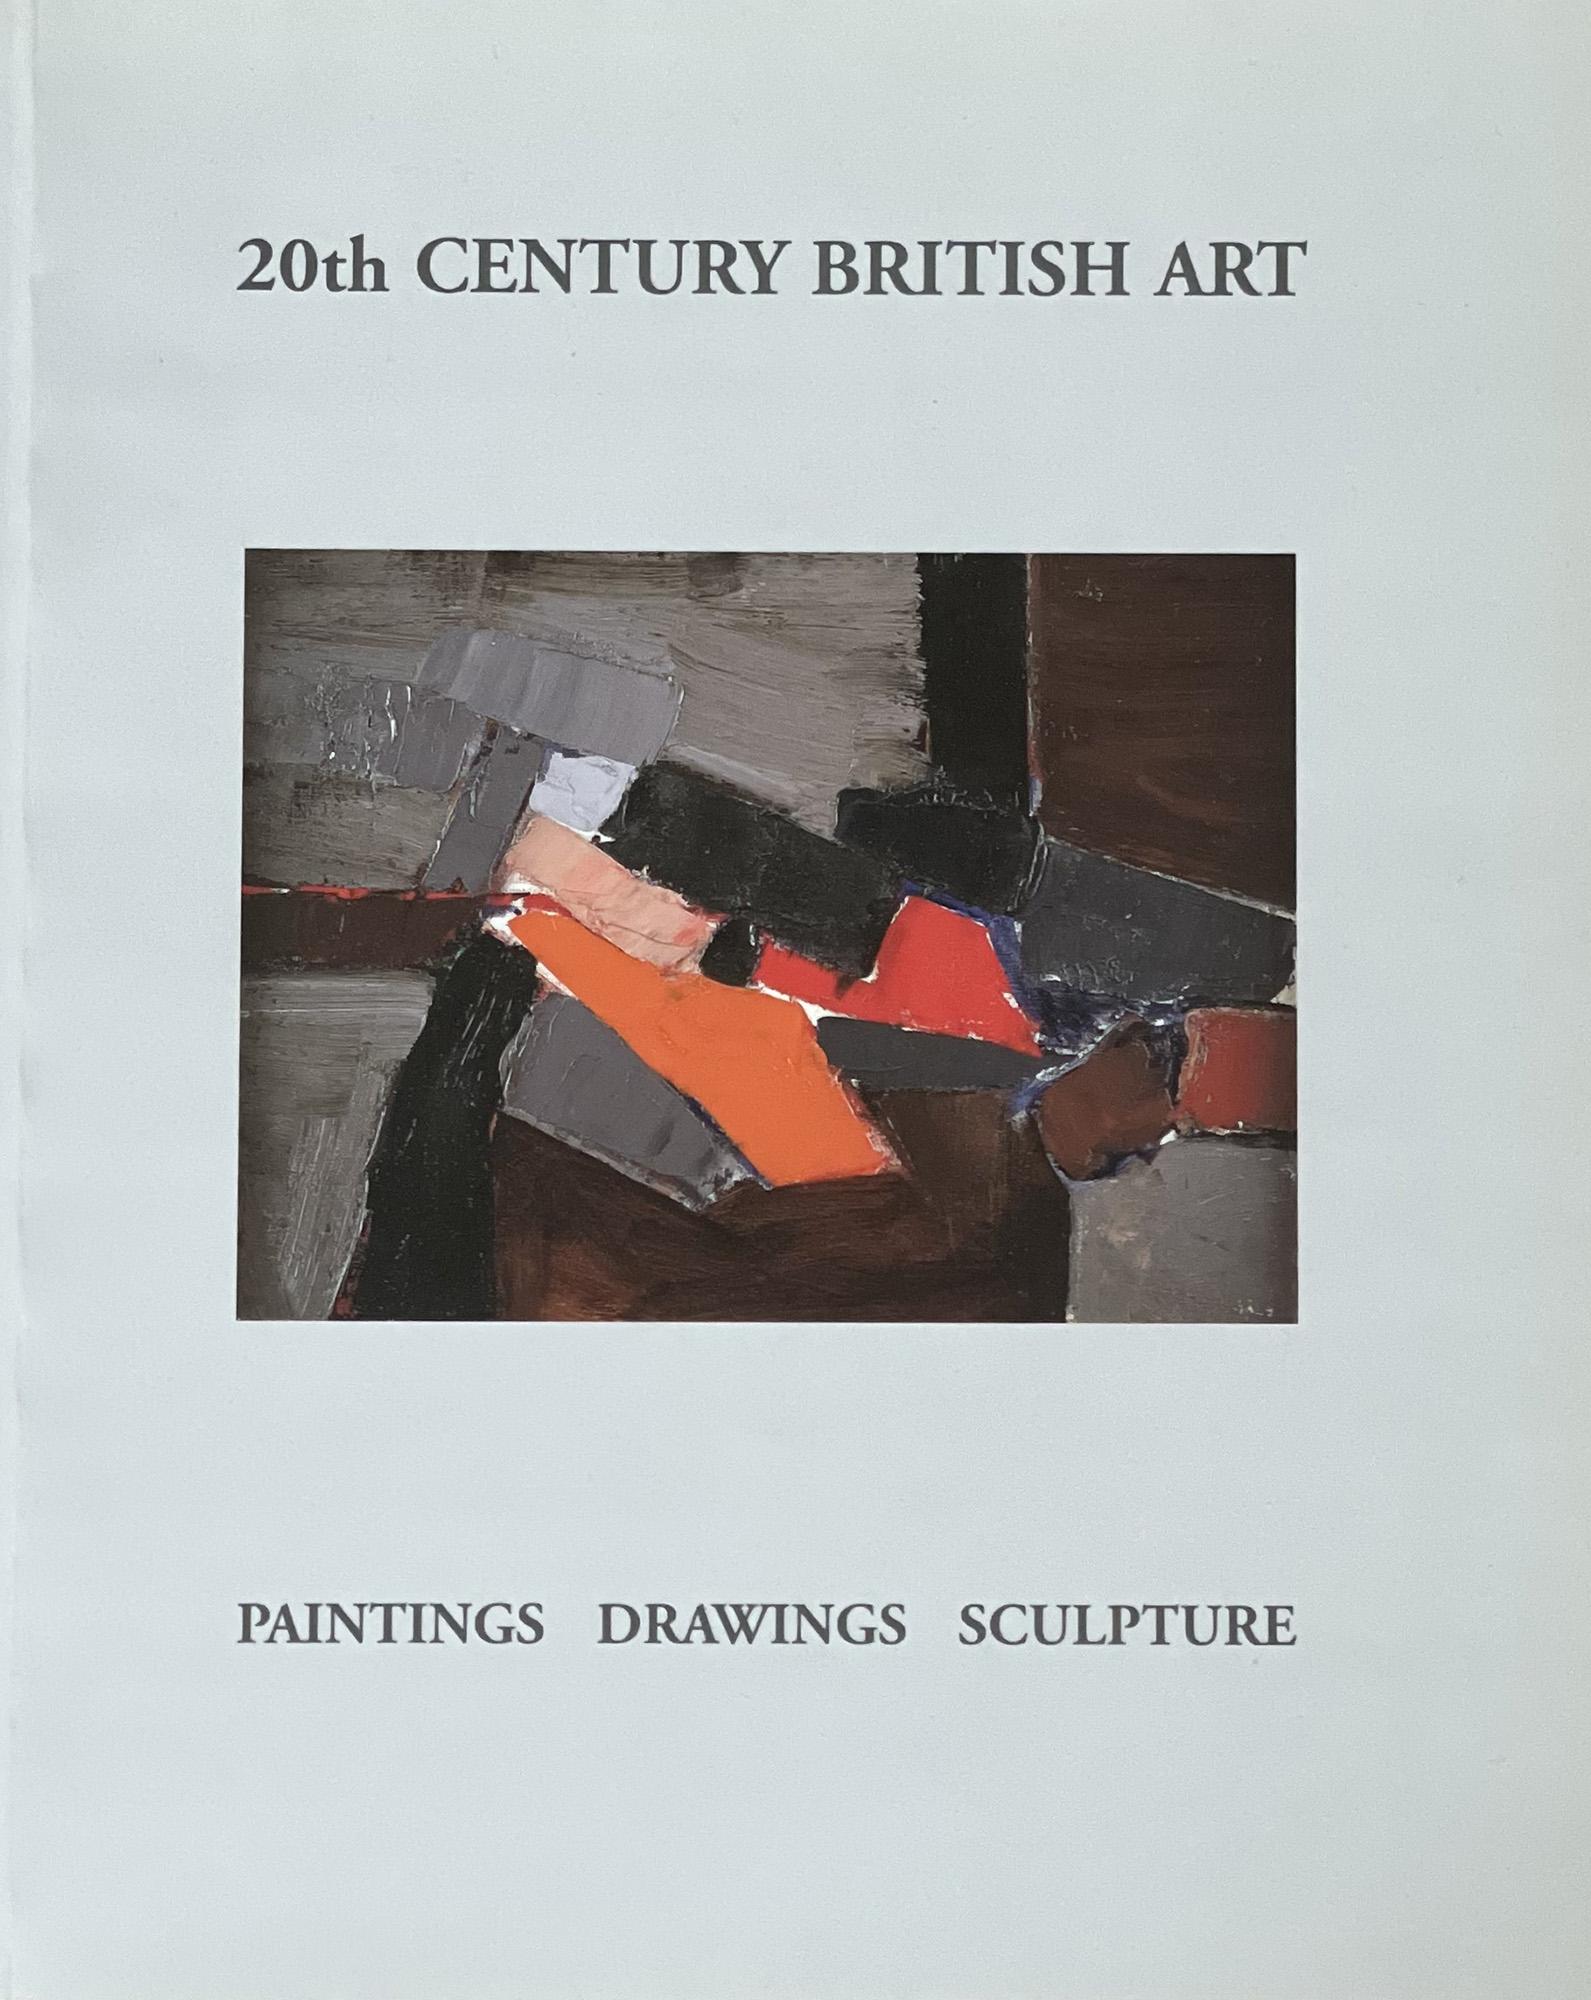 20th Century British Art 2003